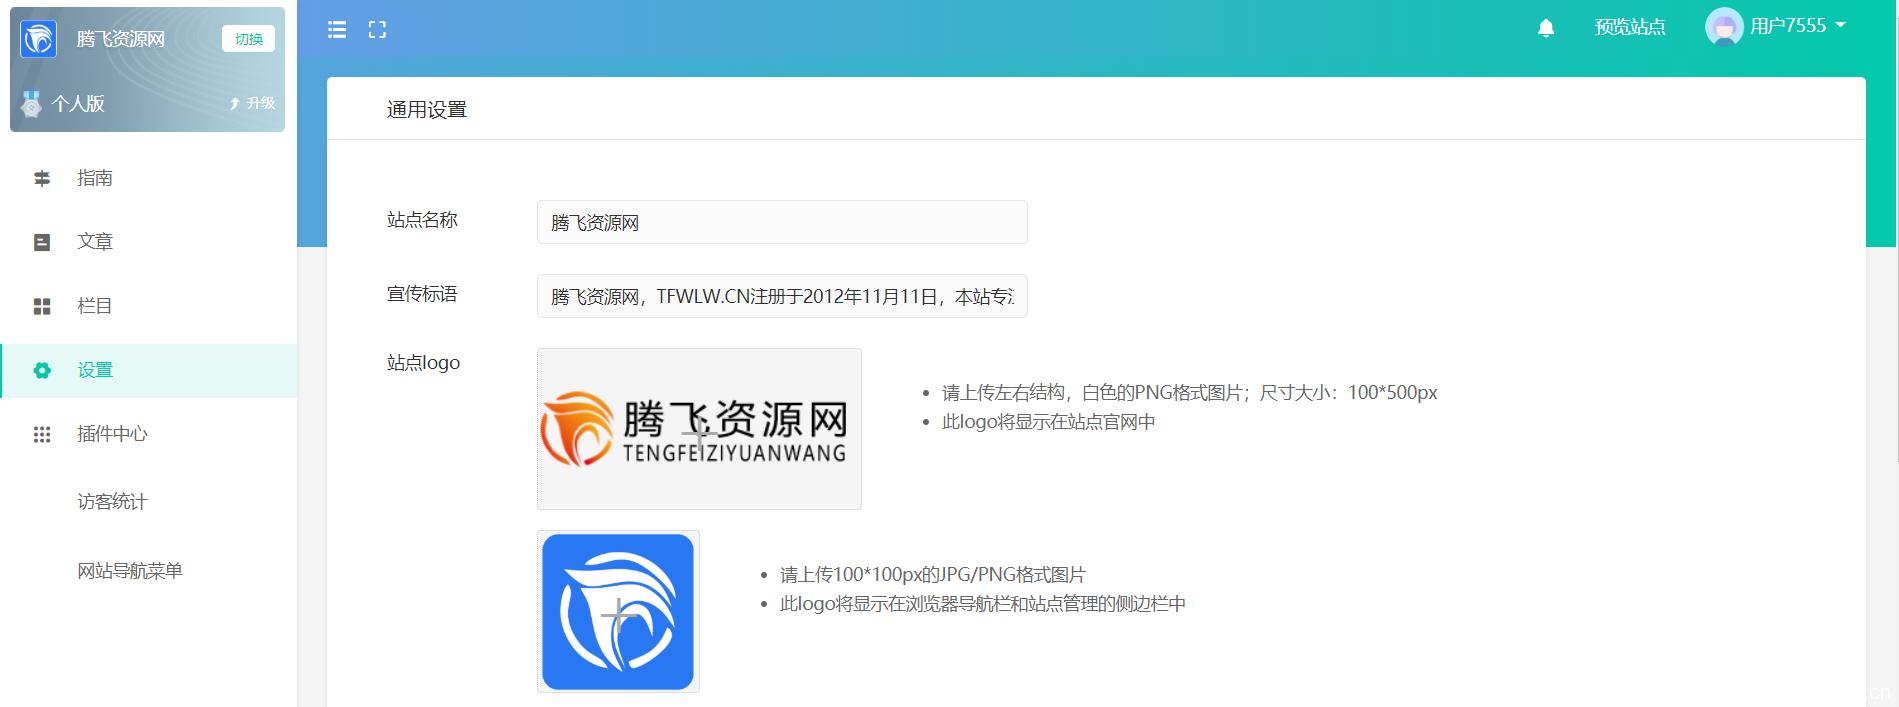 baklib免费创建自己的博客/文档/使用帮助站 干货分享-第2张